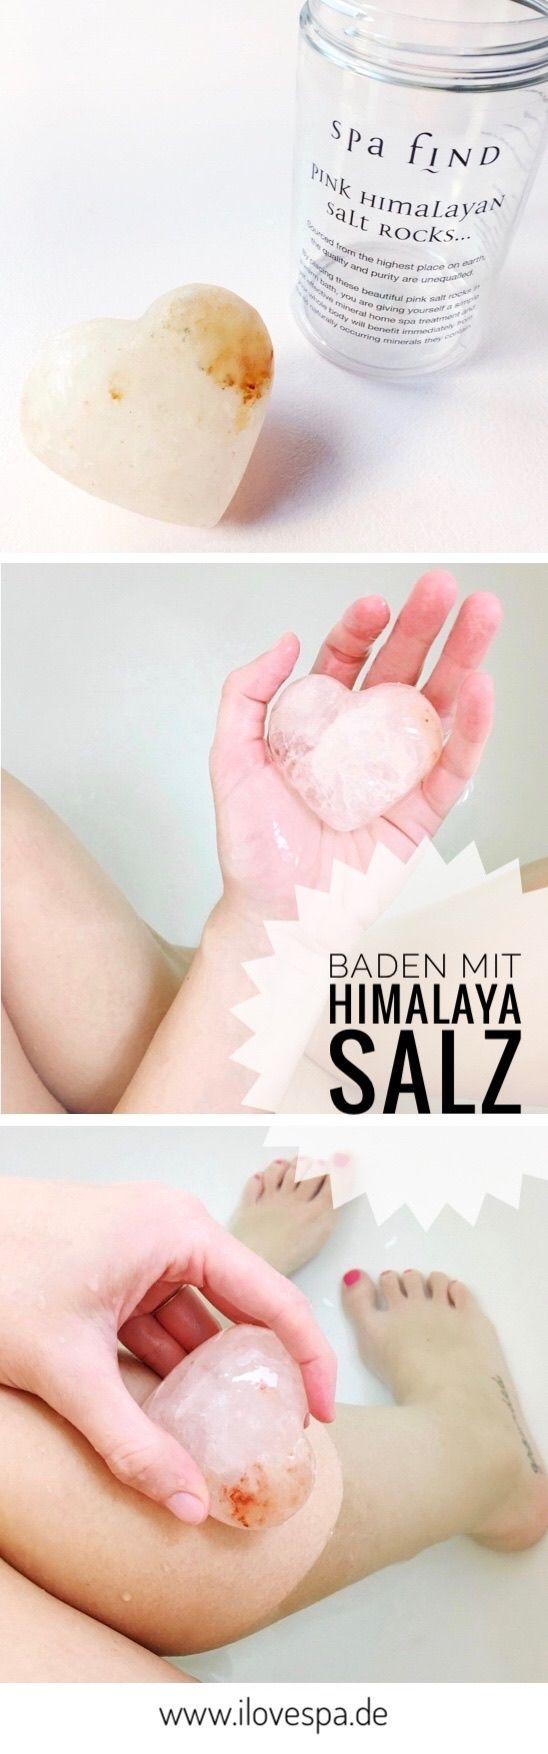 Baden mit Himalaya Salz Herzchen - warum das eine gute Idee ist - Wellness & Spa zuhause